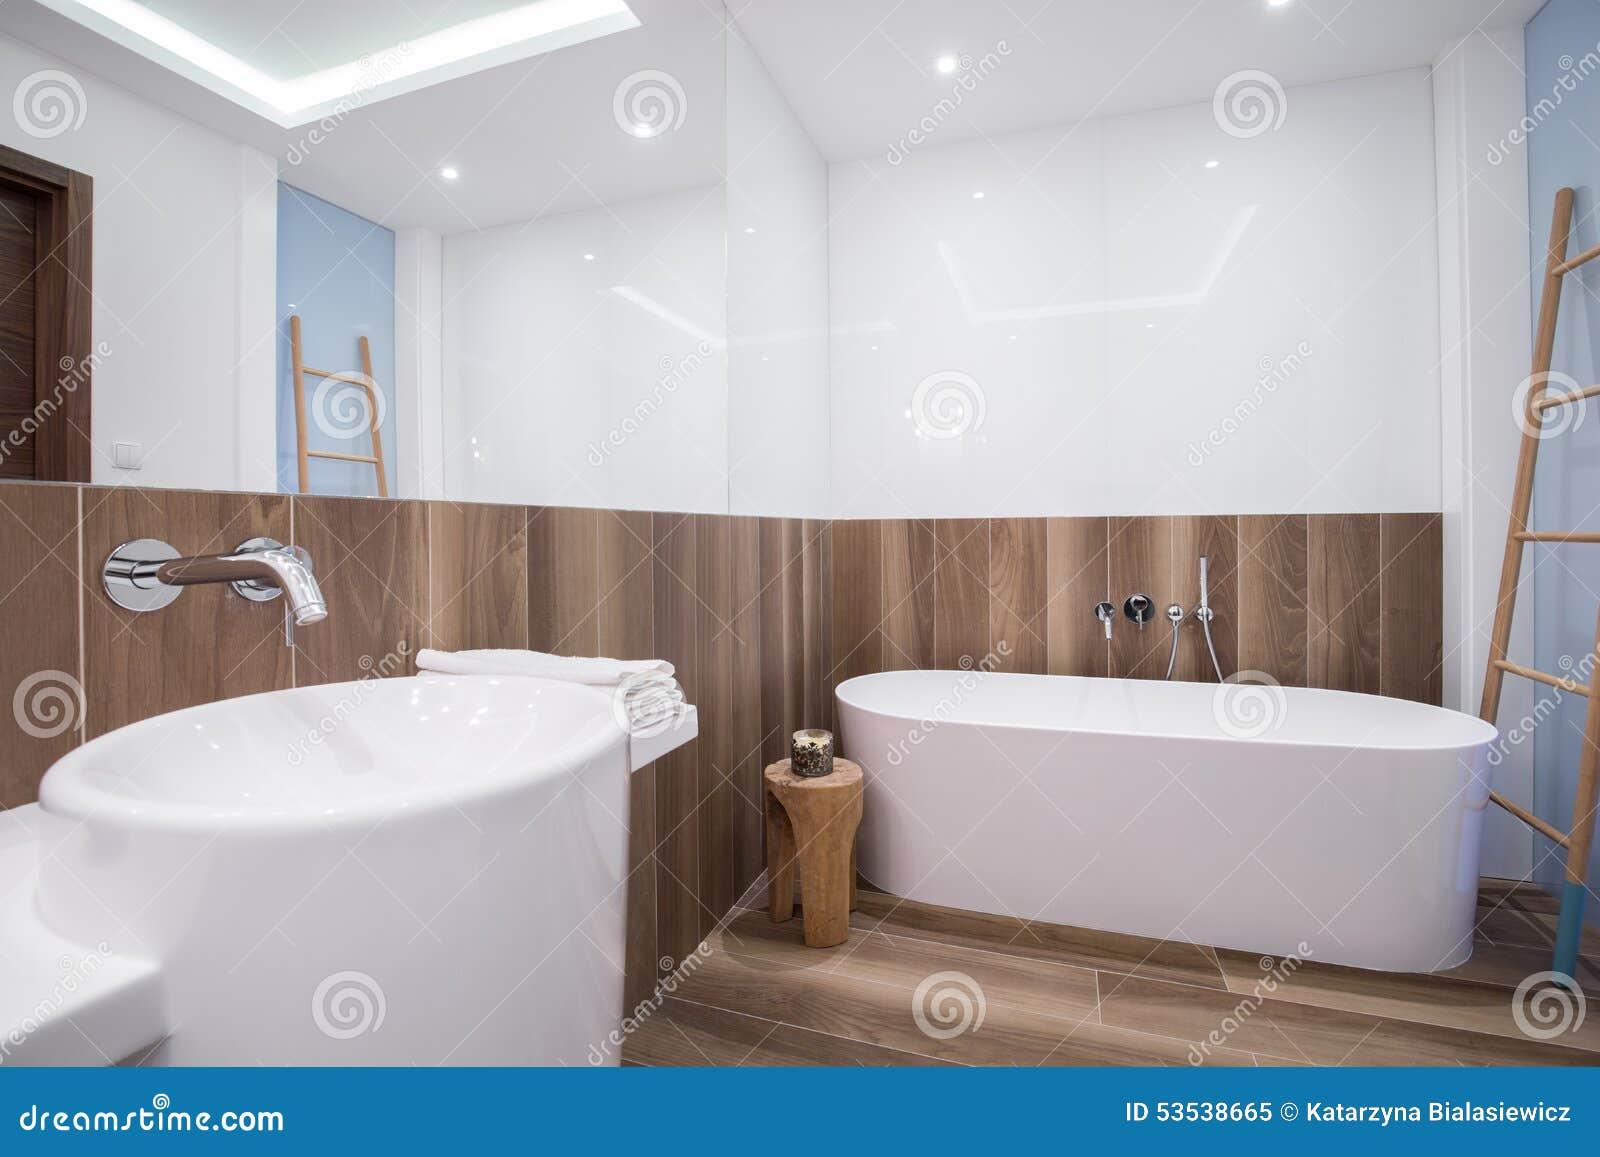 Painel De Madeira No Banheiro Luxuoso Foto de Stock Imagem: 53538665 #82A229 1300x957 Banheiro Bege Com Madeira